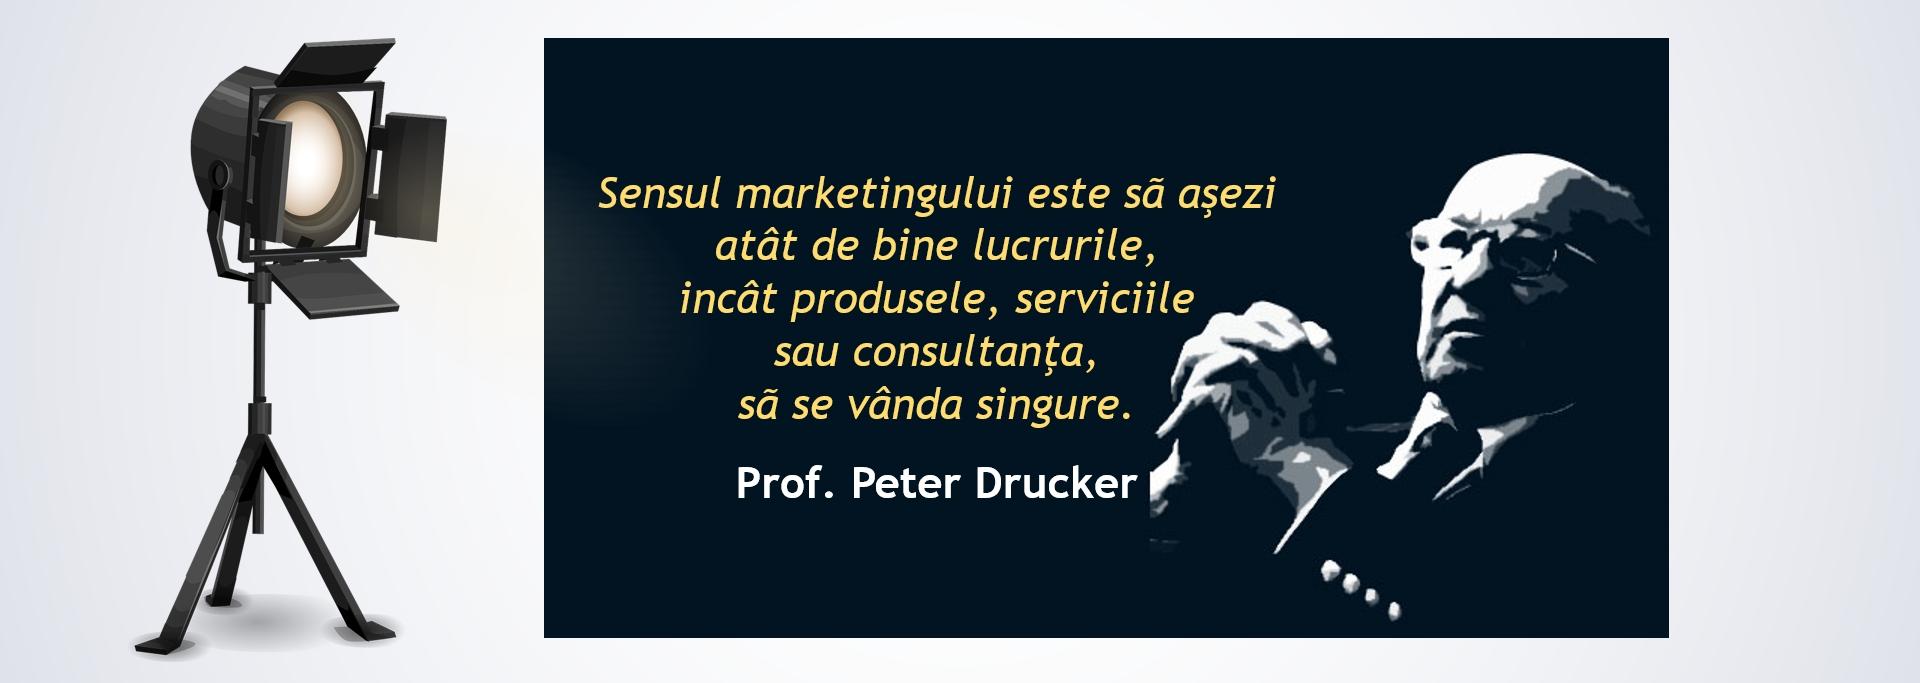 Sensul marketingului cu specialistul Peter Drucker